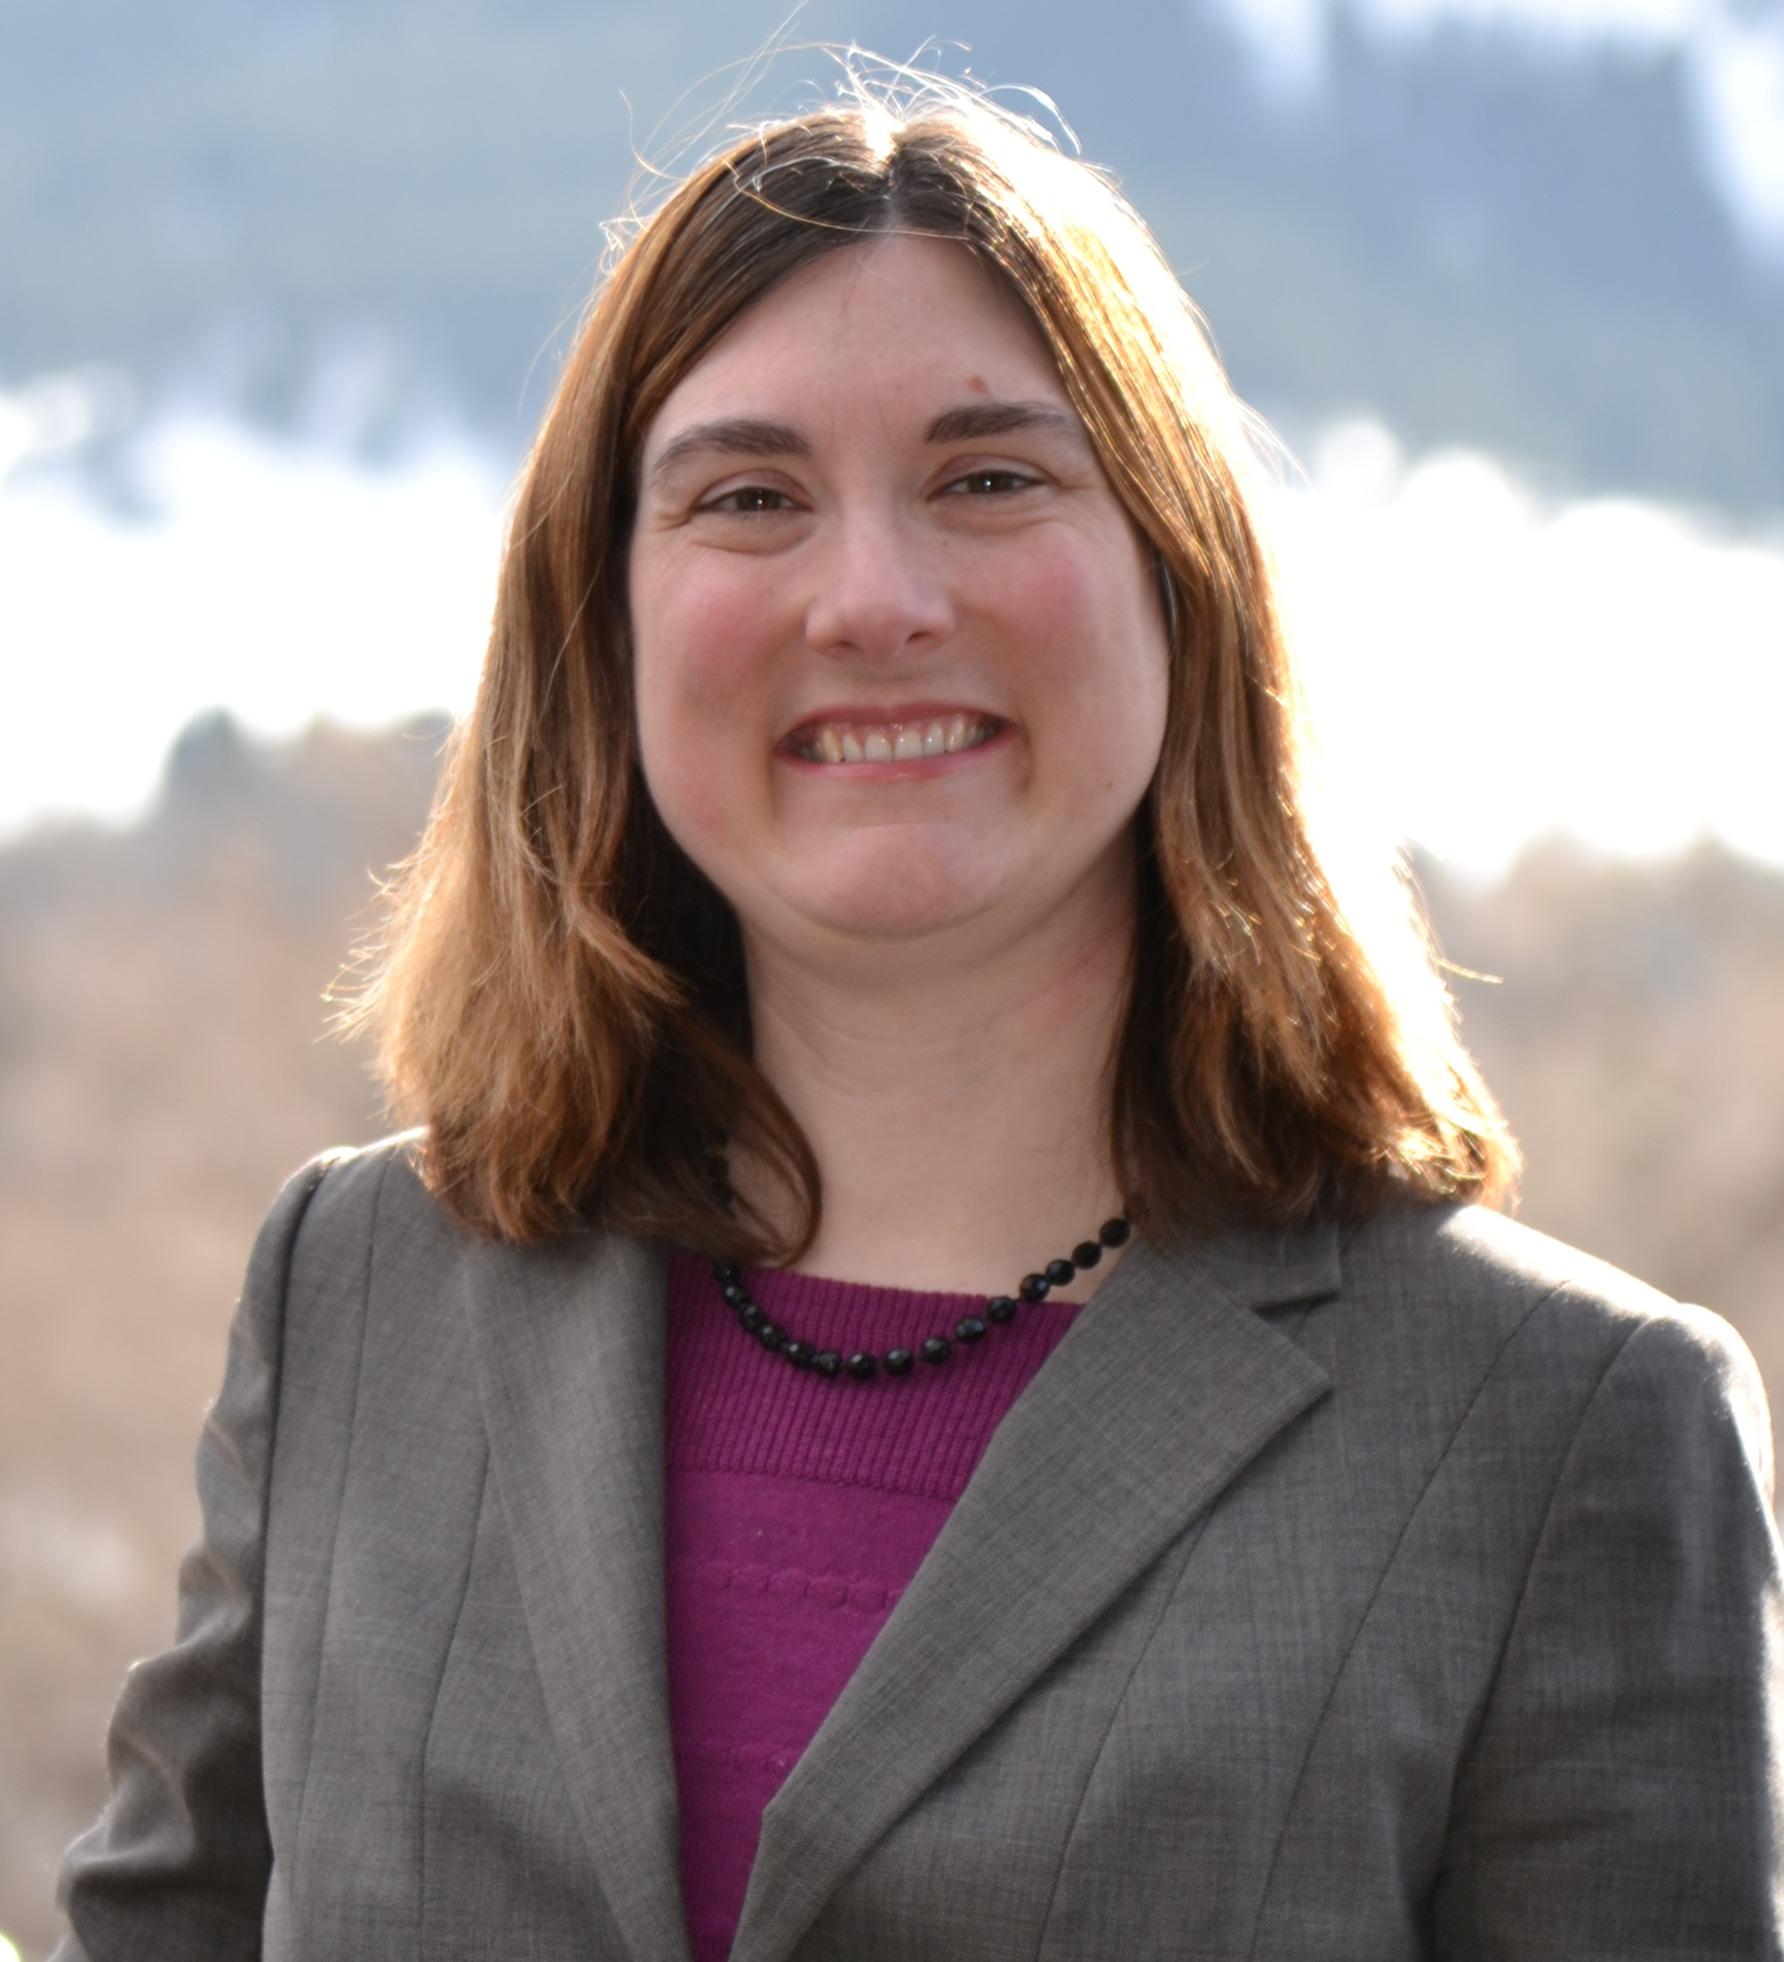 Carolyn Steffl